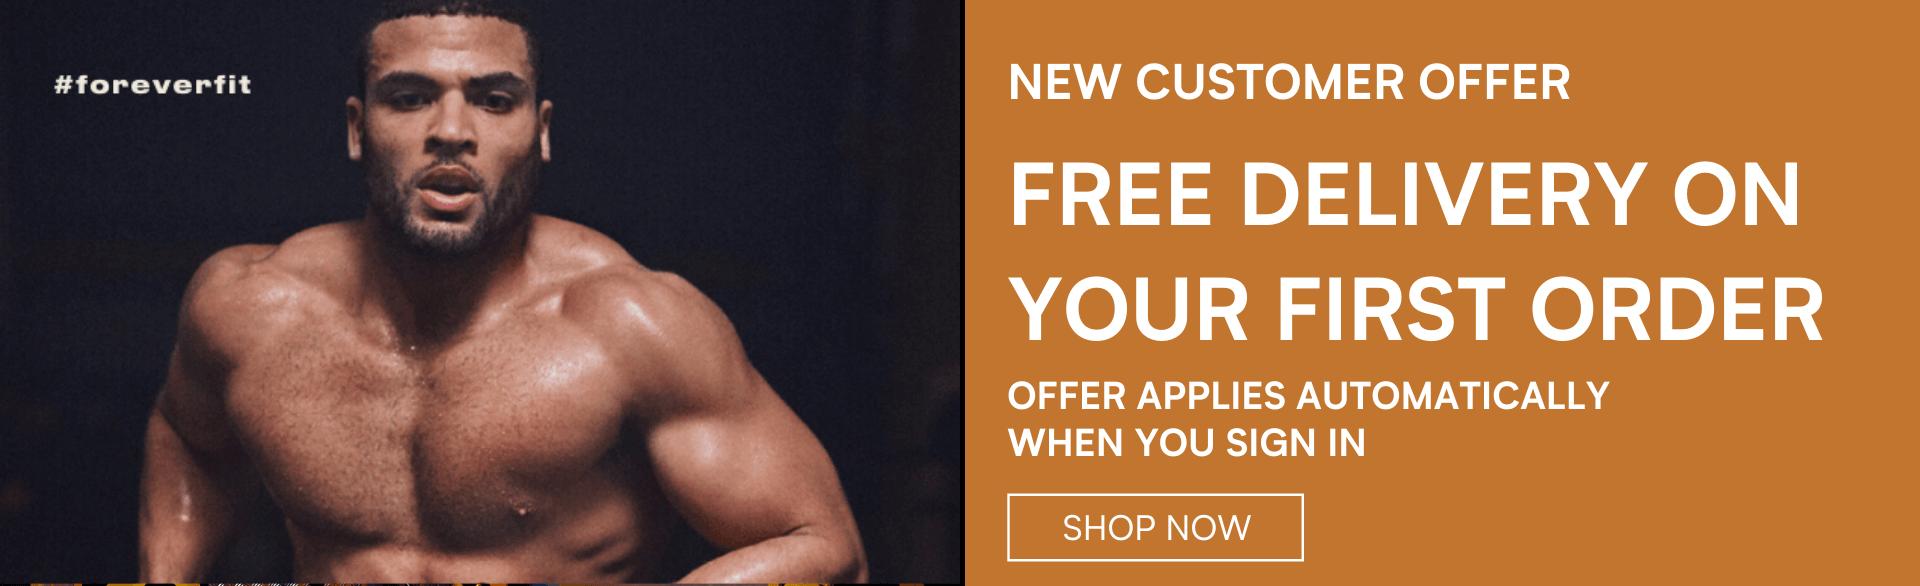 New Customer Offer